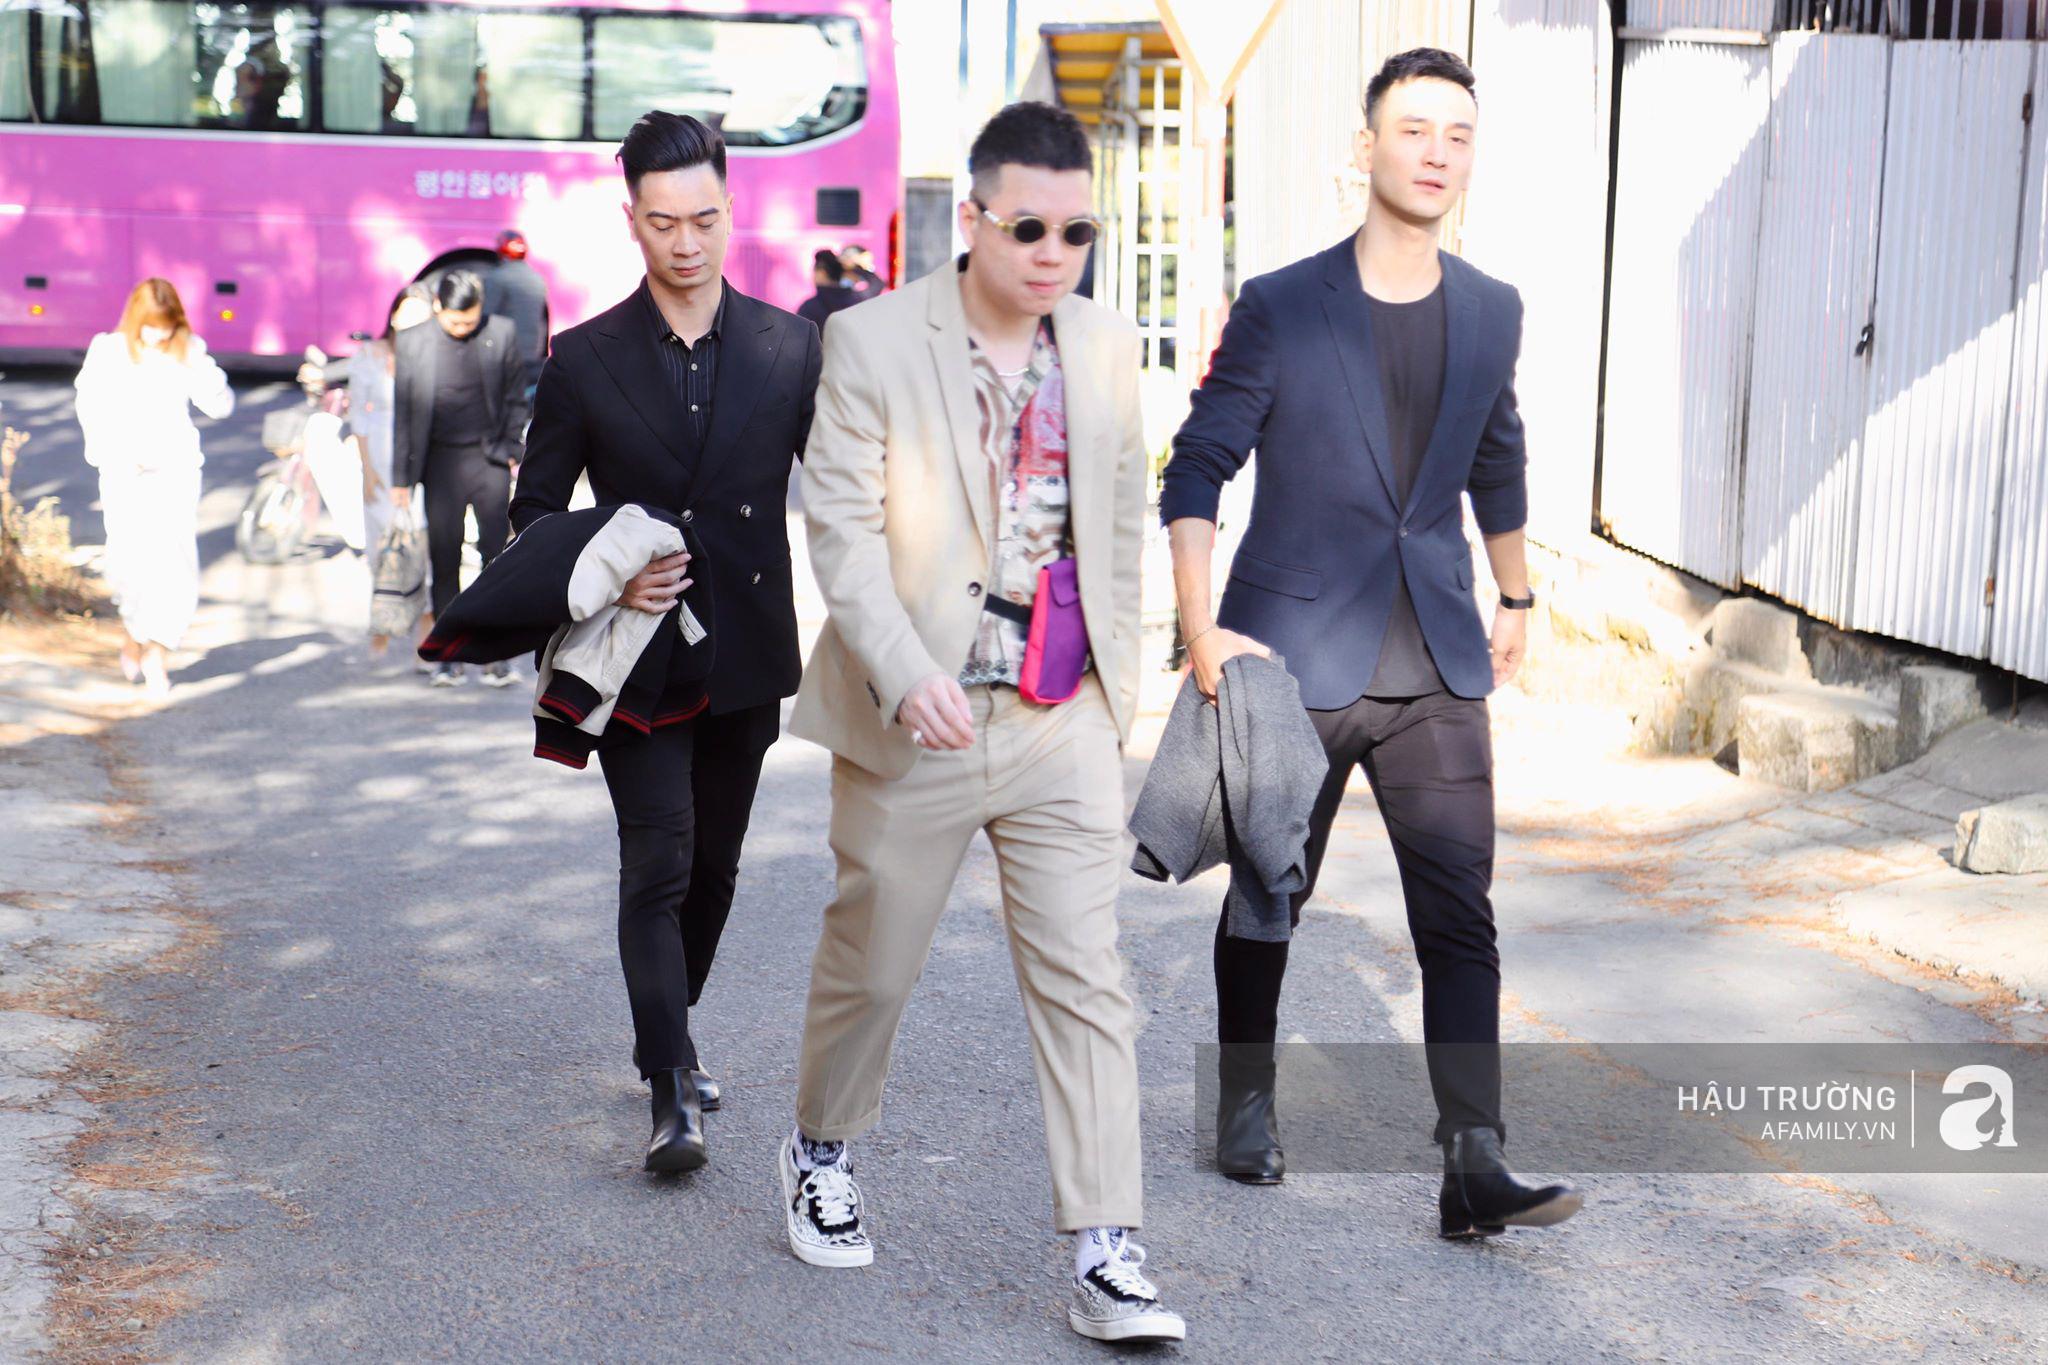 Tiệc cưới chính thức của Tóc Tiên và Hoàng Touliver: Kelbin, Tiên Tiên cùng nhiều nghệ sĩ váy áo lộng lẫy bí mật xuất hiện - Ảnh 12.